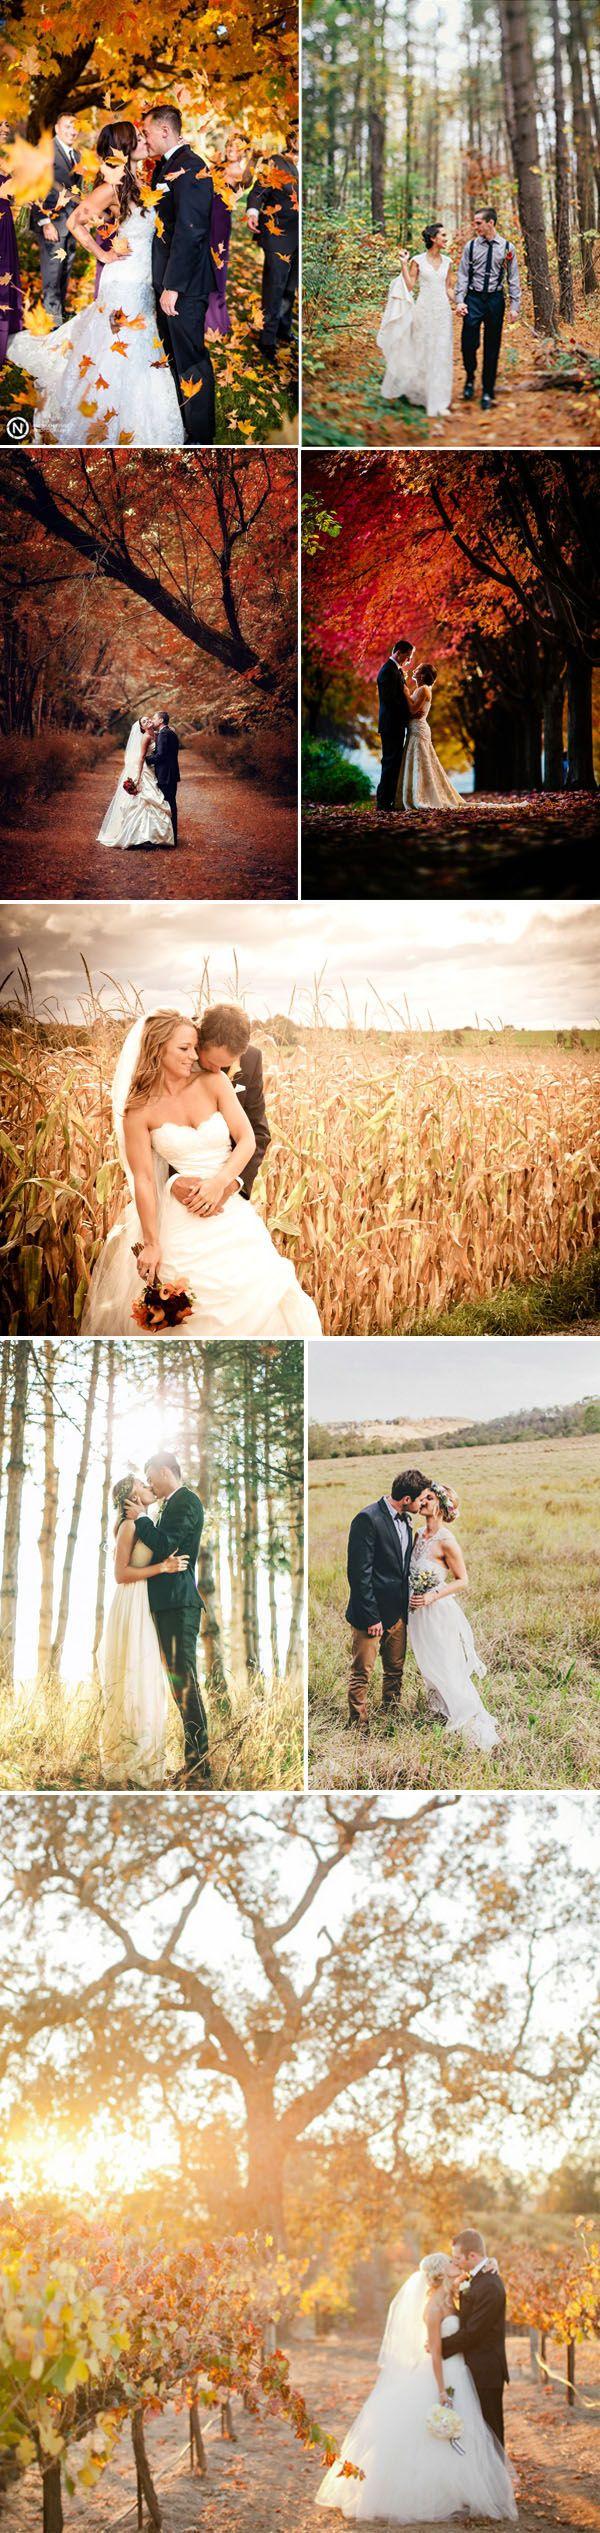 gorgeous autumn season wedding photo ideas